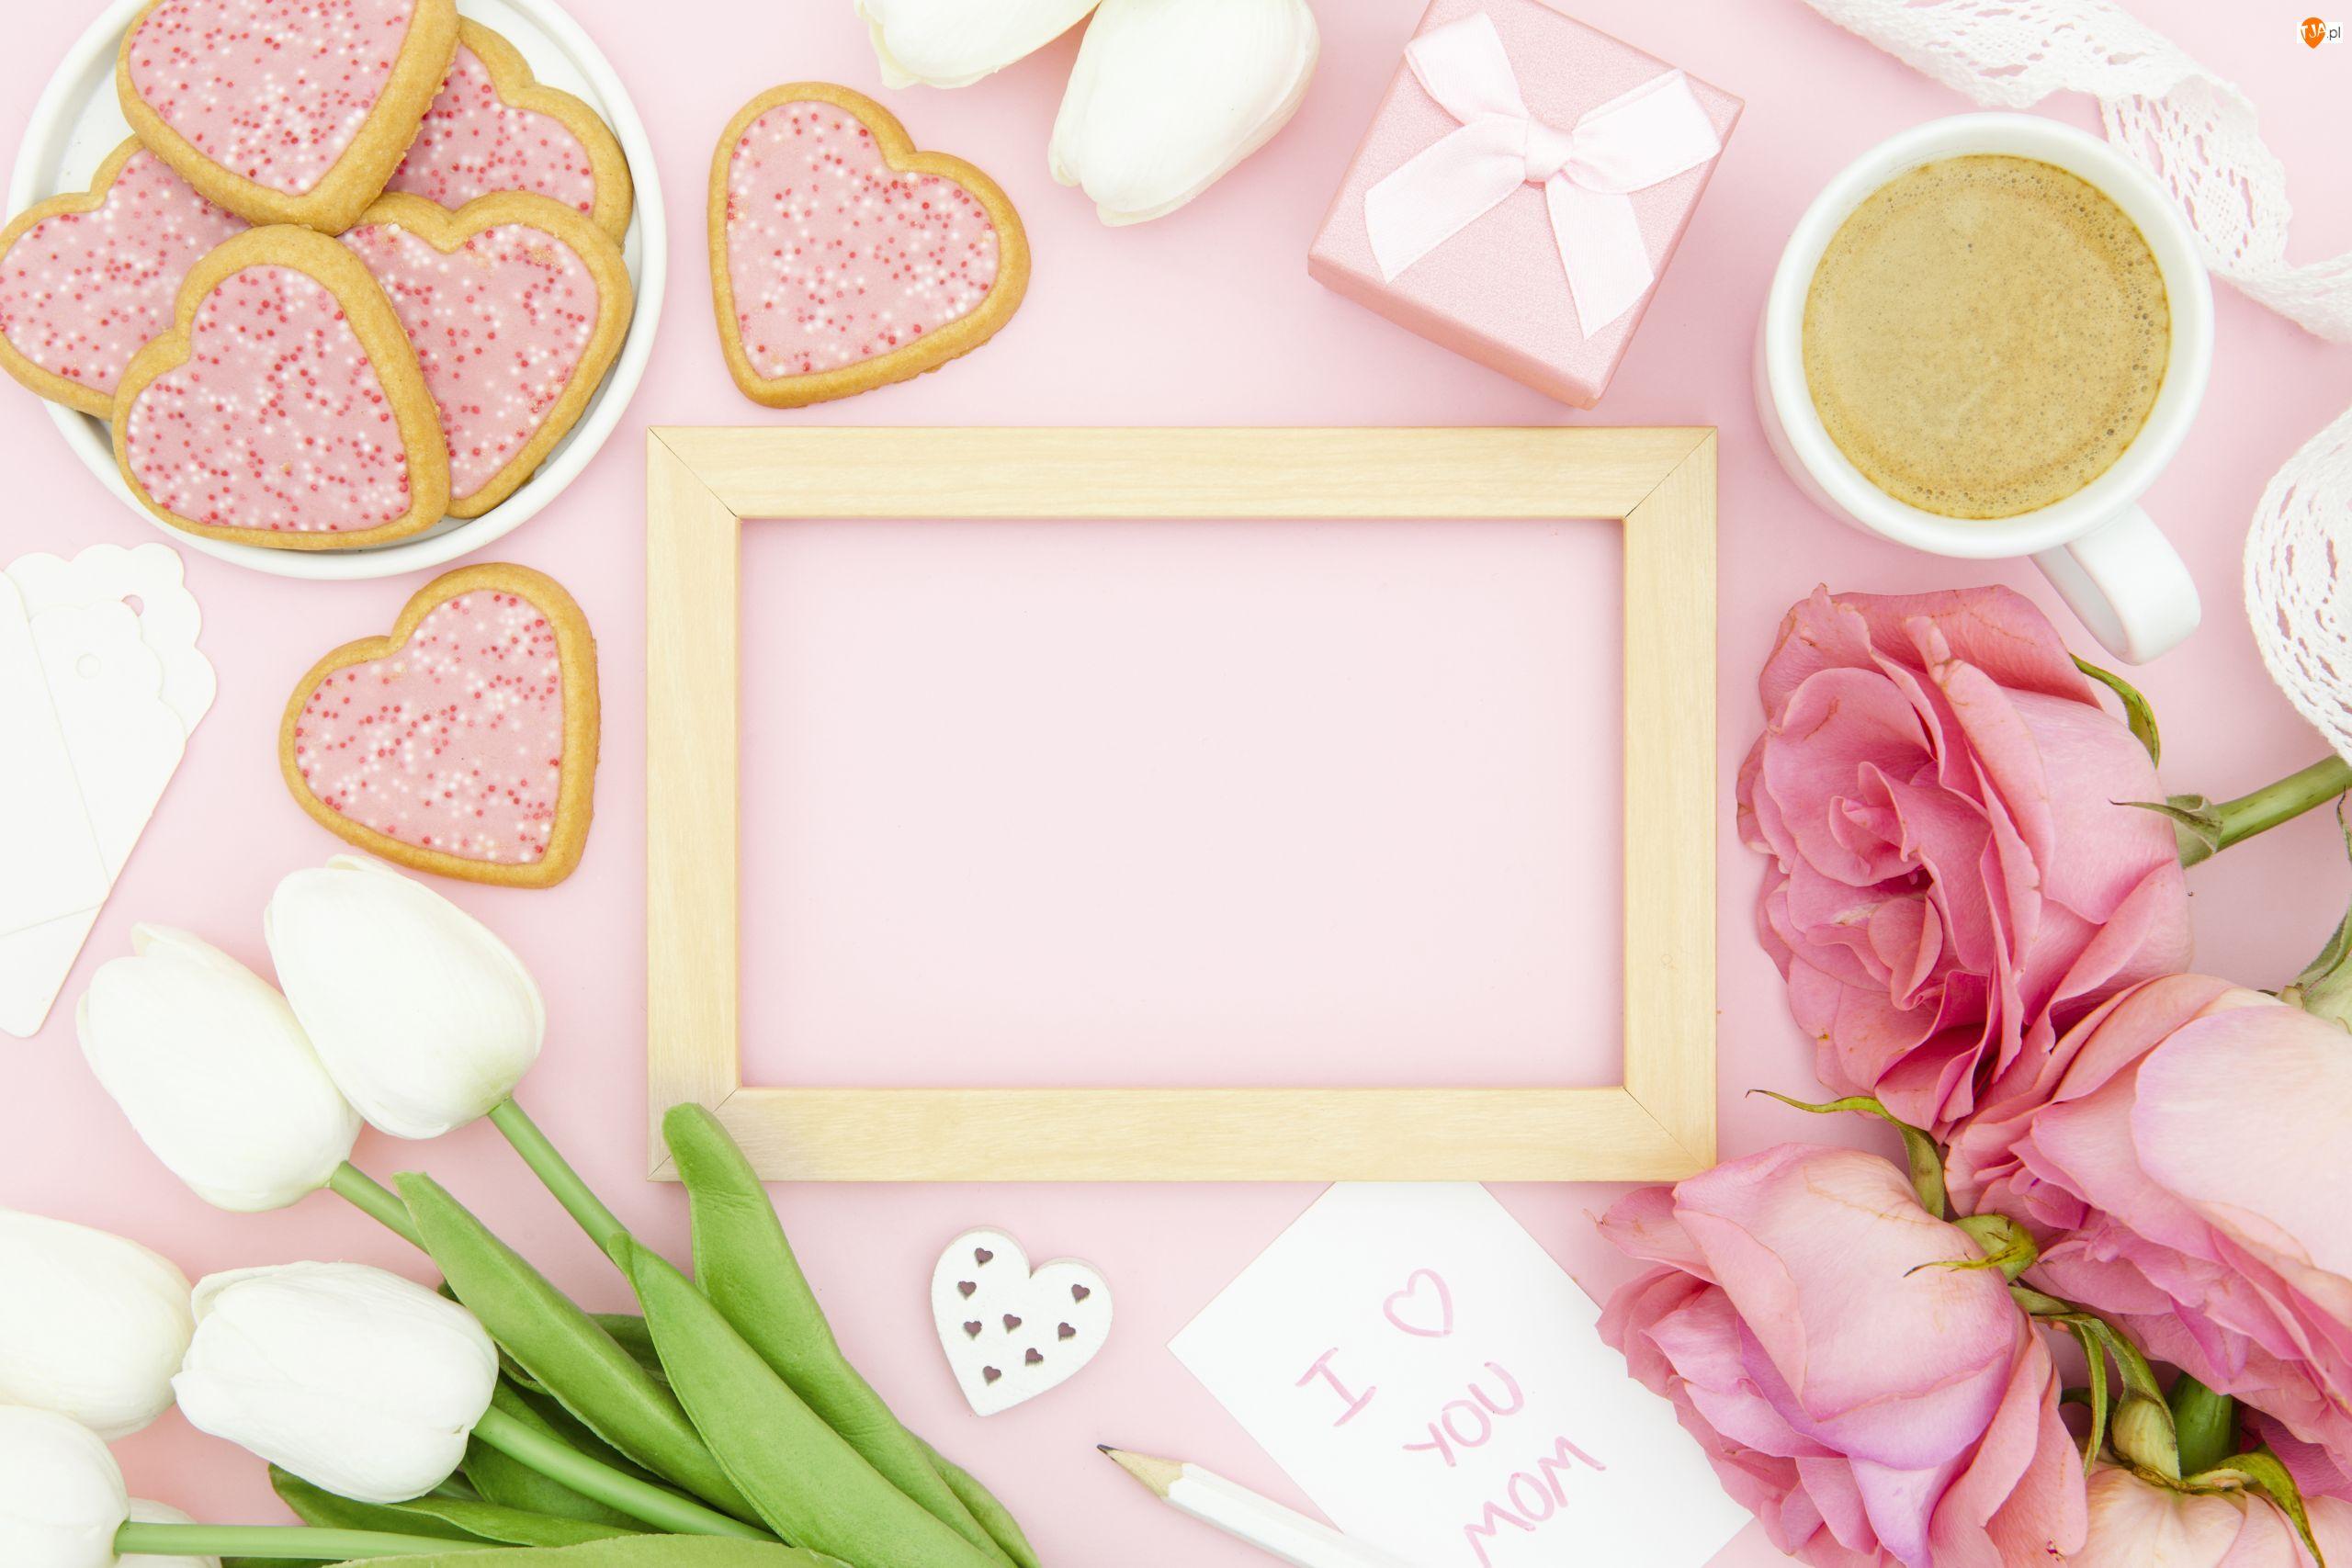 Serduszka, Kwiaty, Prezent, Ramka, Róże, Ciasteczka, Dzień Matki, Tulipany